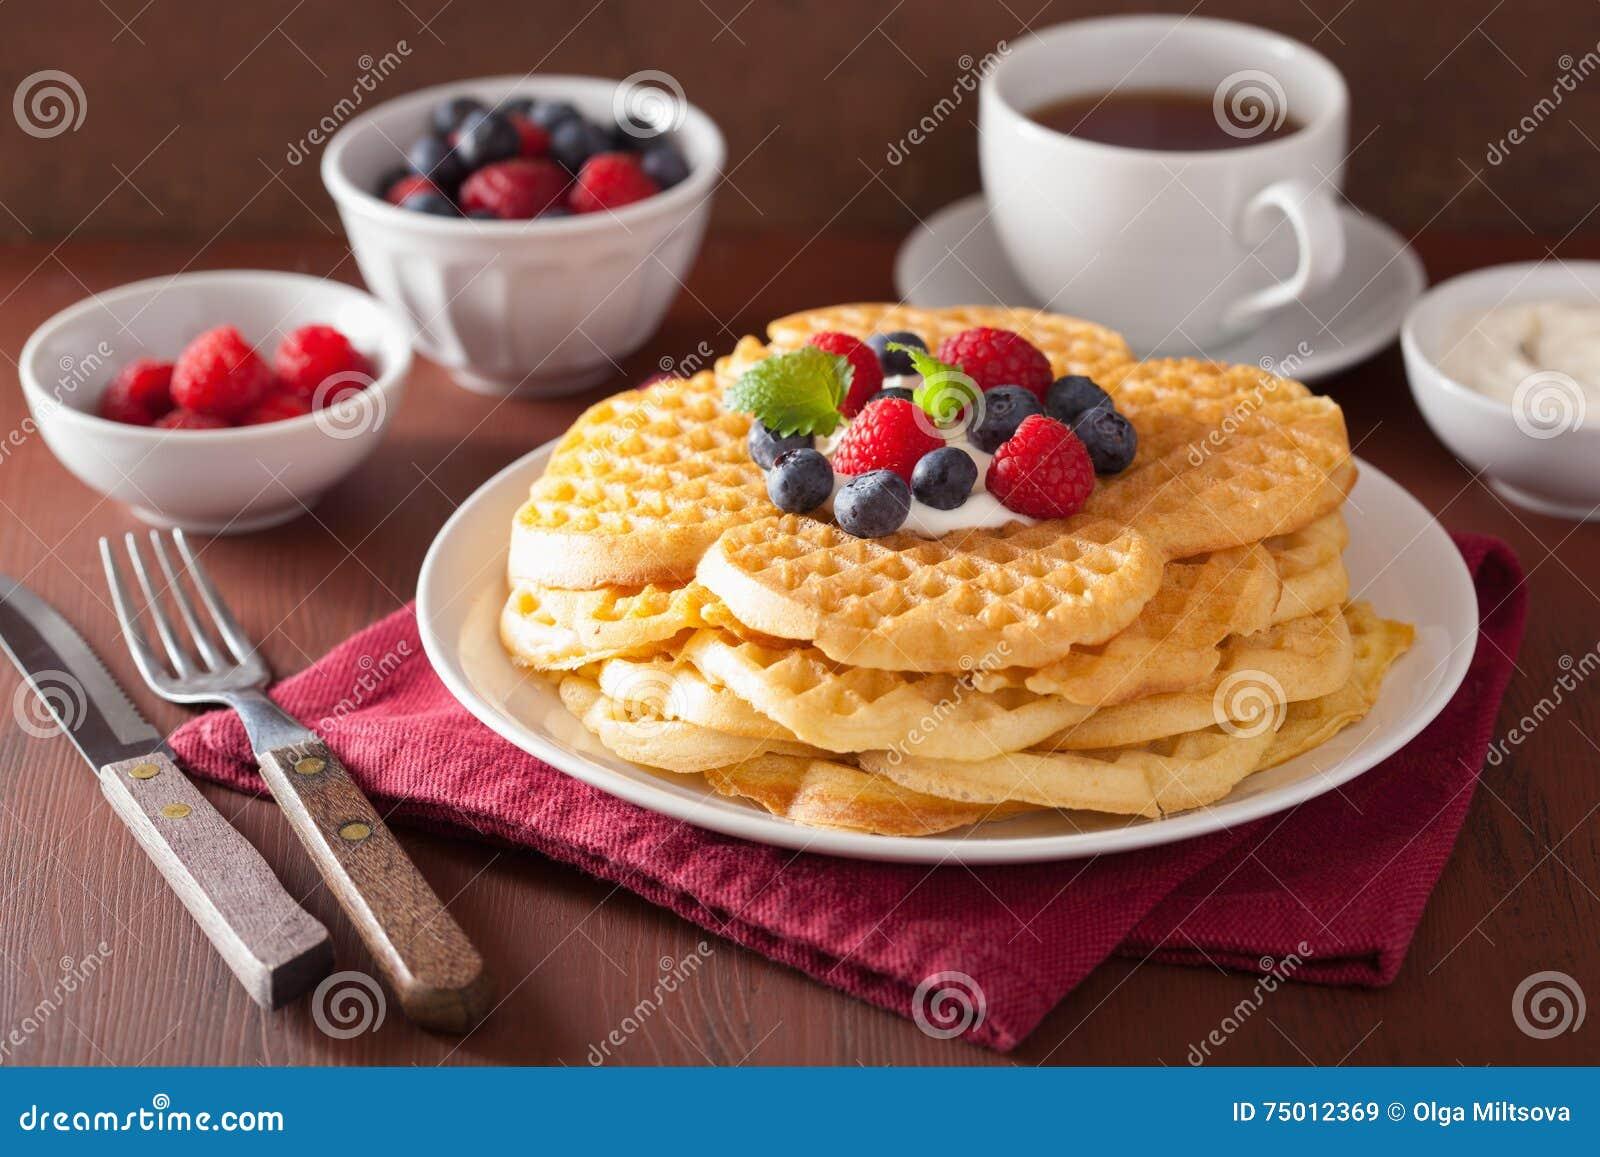 Wafels met room fraiche en bessen voor ontbijt